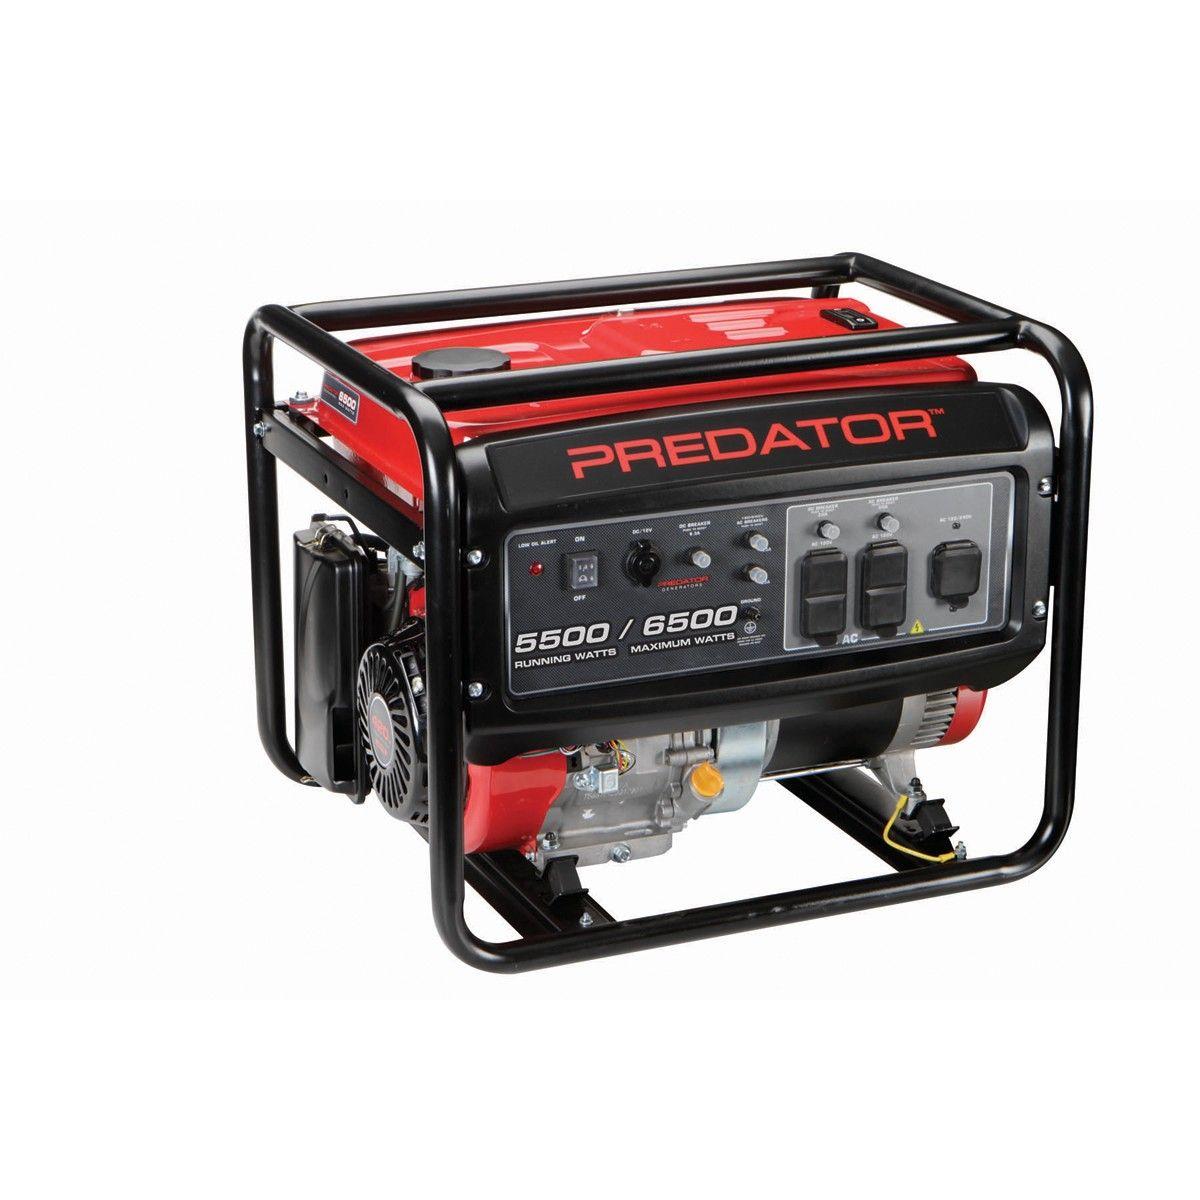 predator generators 68529 420cc 6500 watts max 5500 watts rated portable generator [ 1200 x 1200 Pixel ]